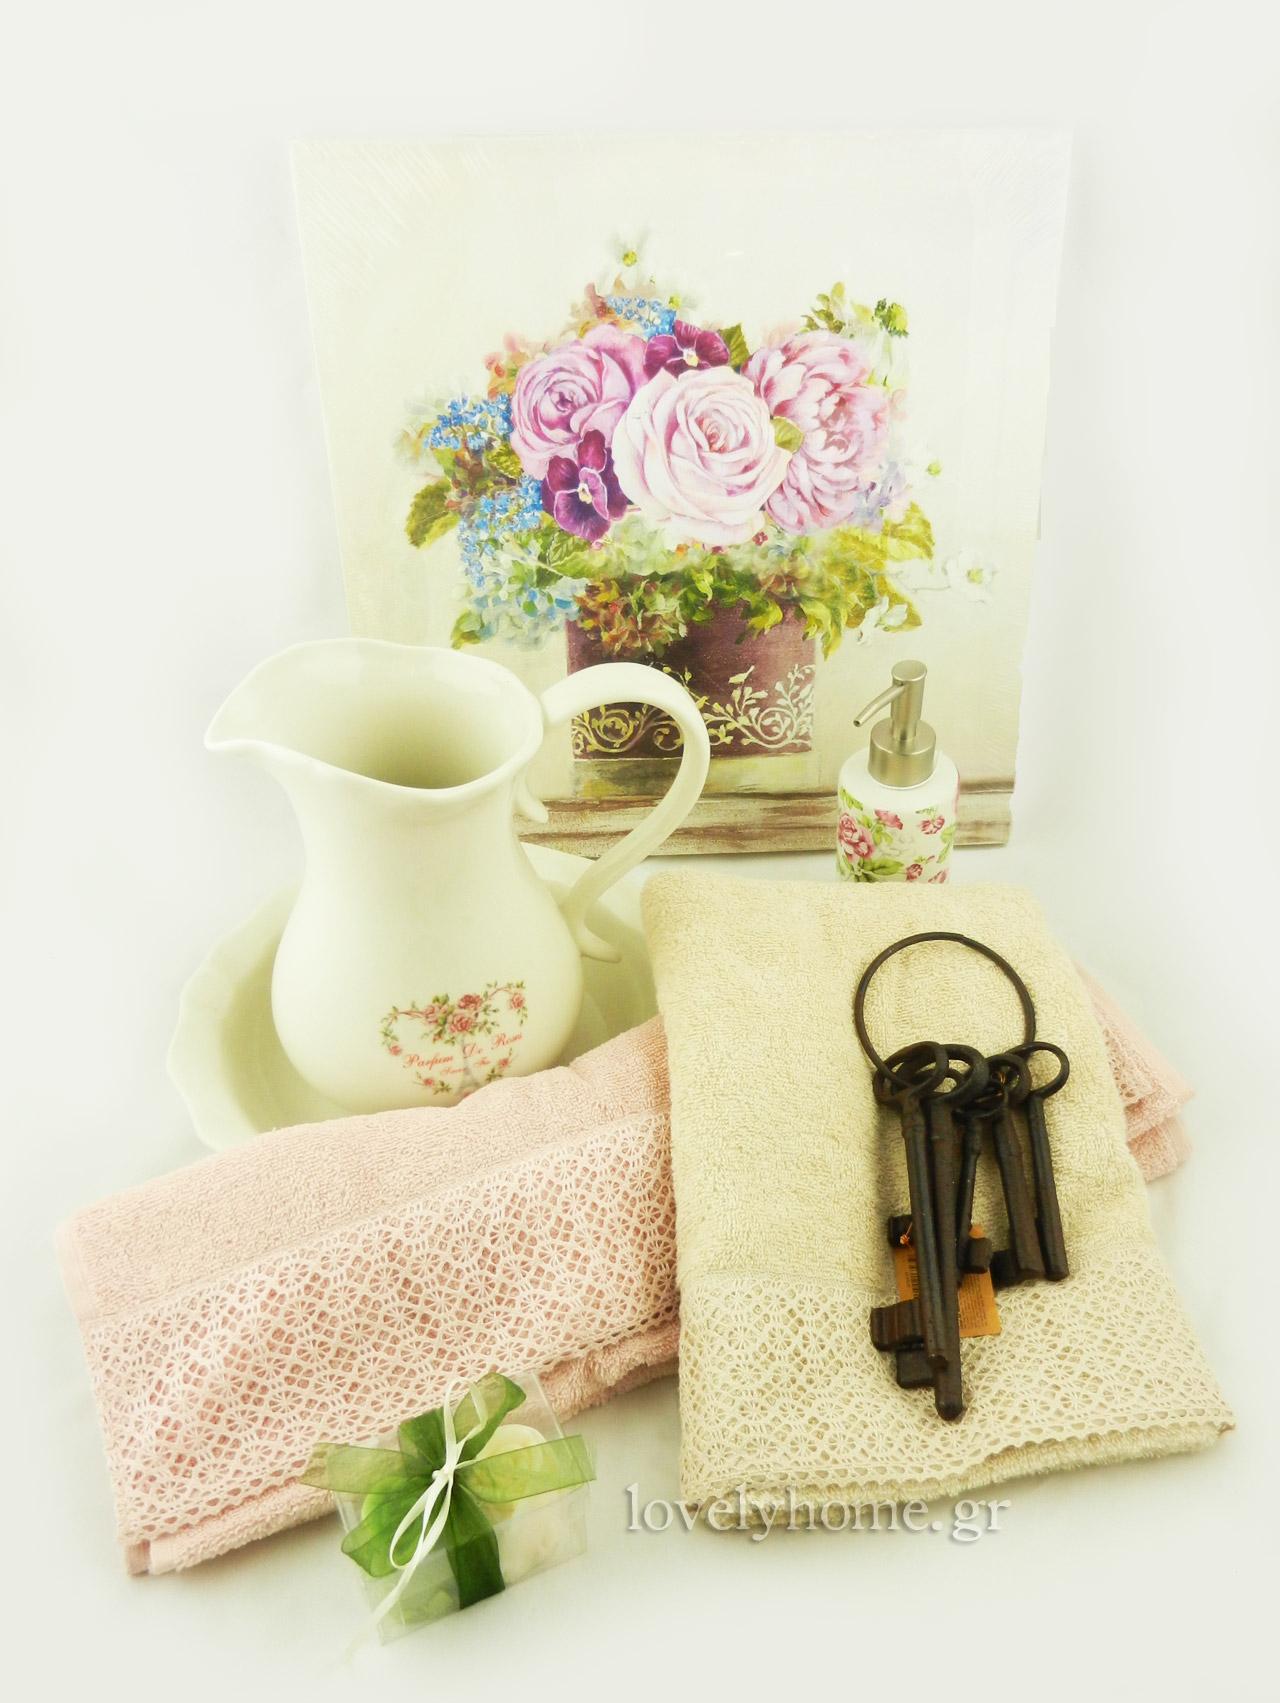 Πίνακες ρομαντικοί με λουλούδια σε 4 σχέδια, απαλές πετσέτες σώματος και προσώπου, vintage κλειδιά και σετ μπάνιου